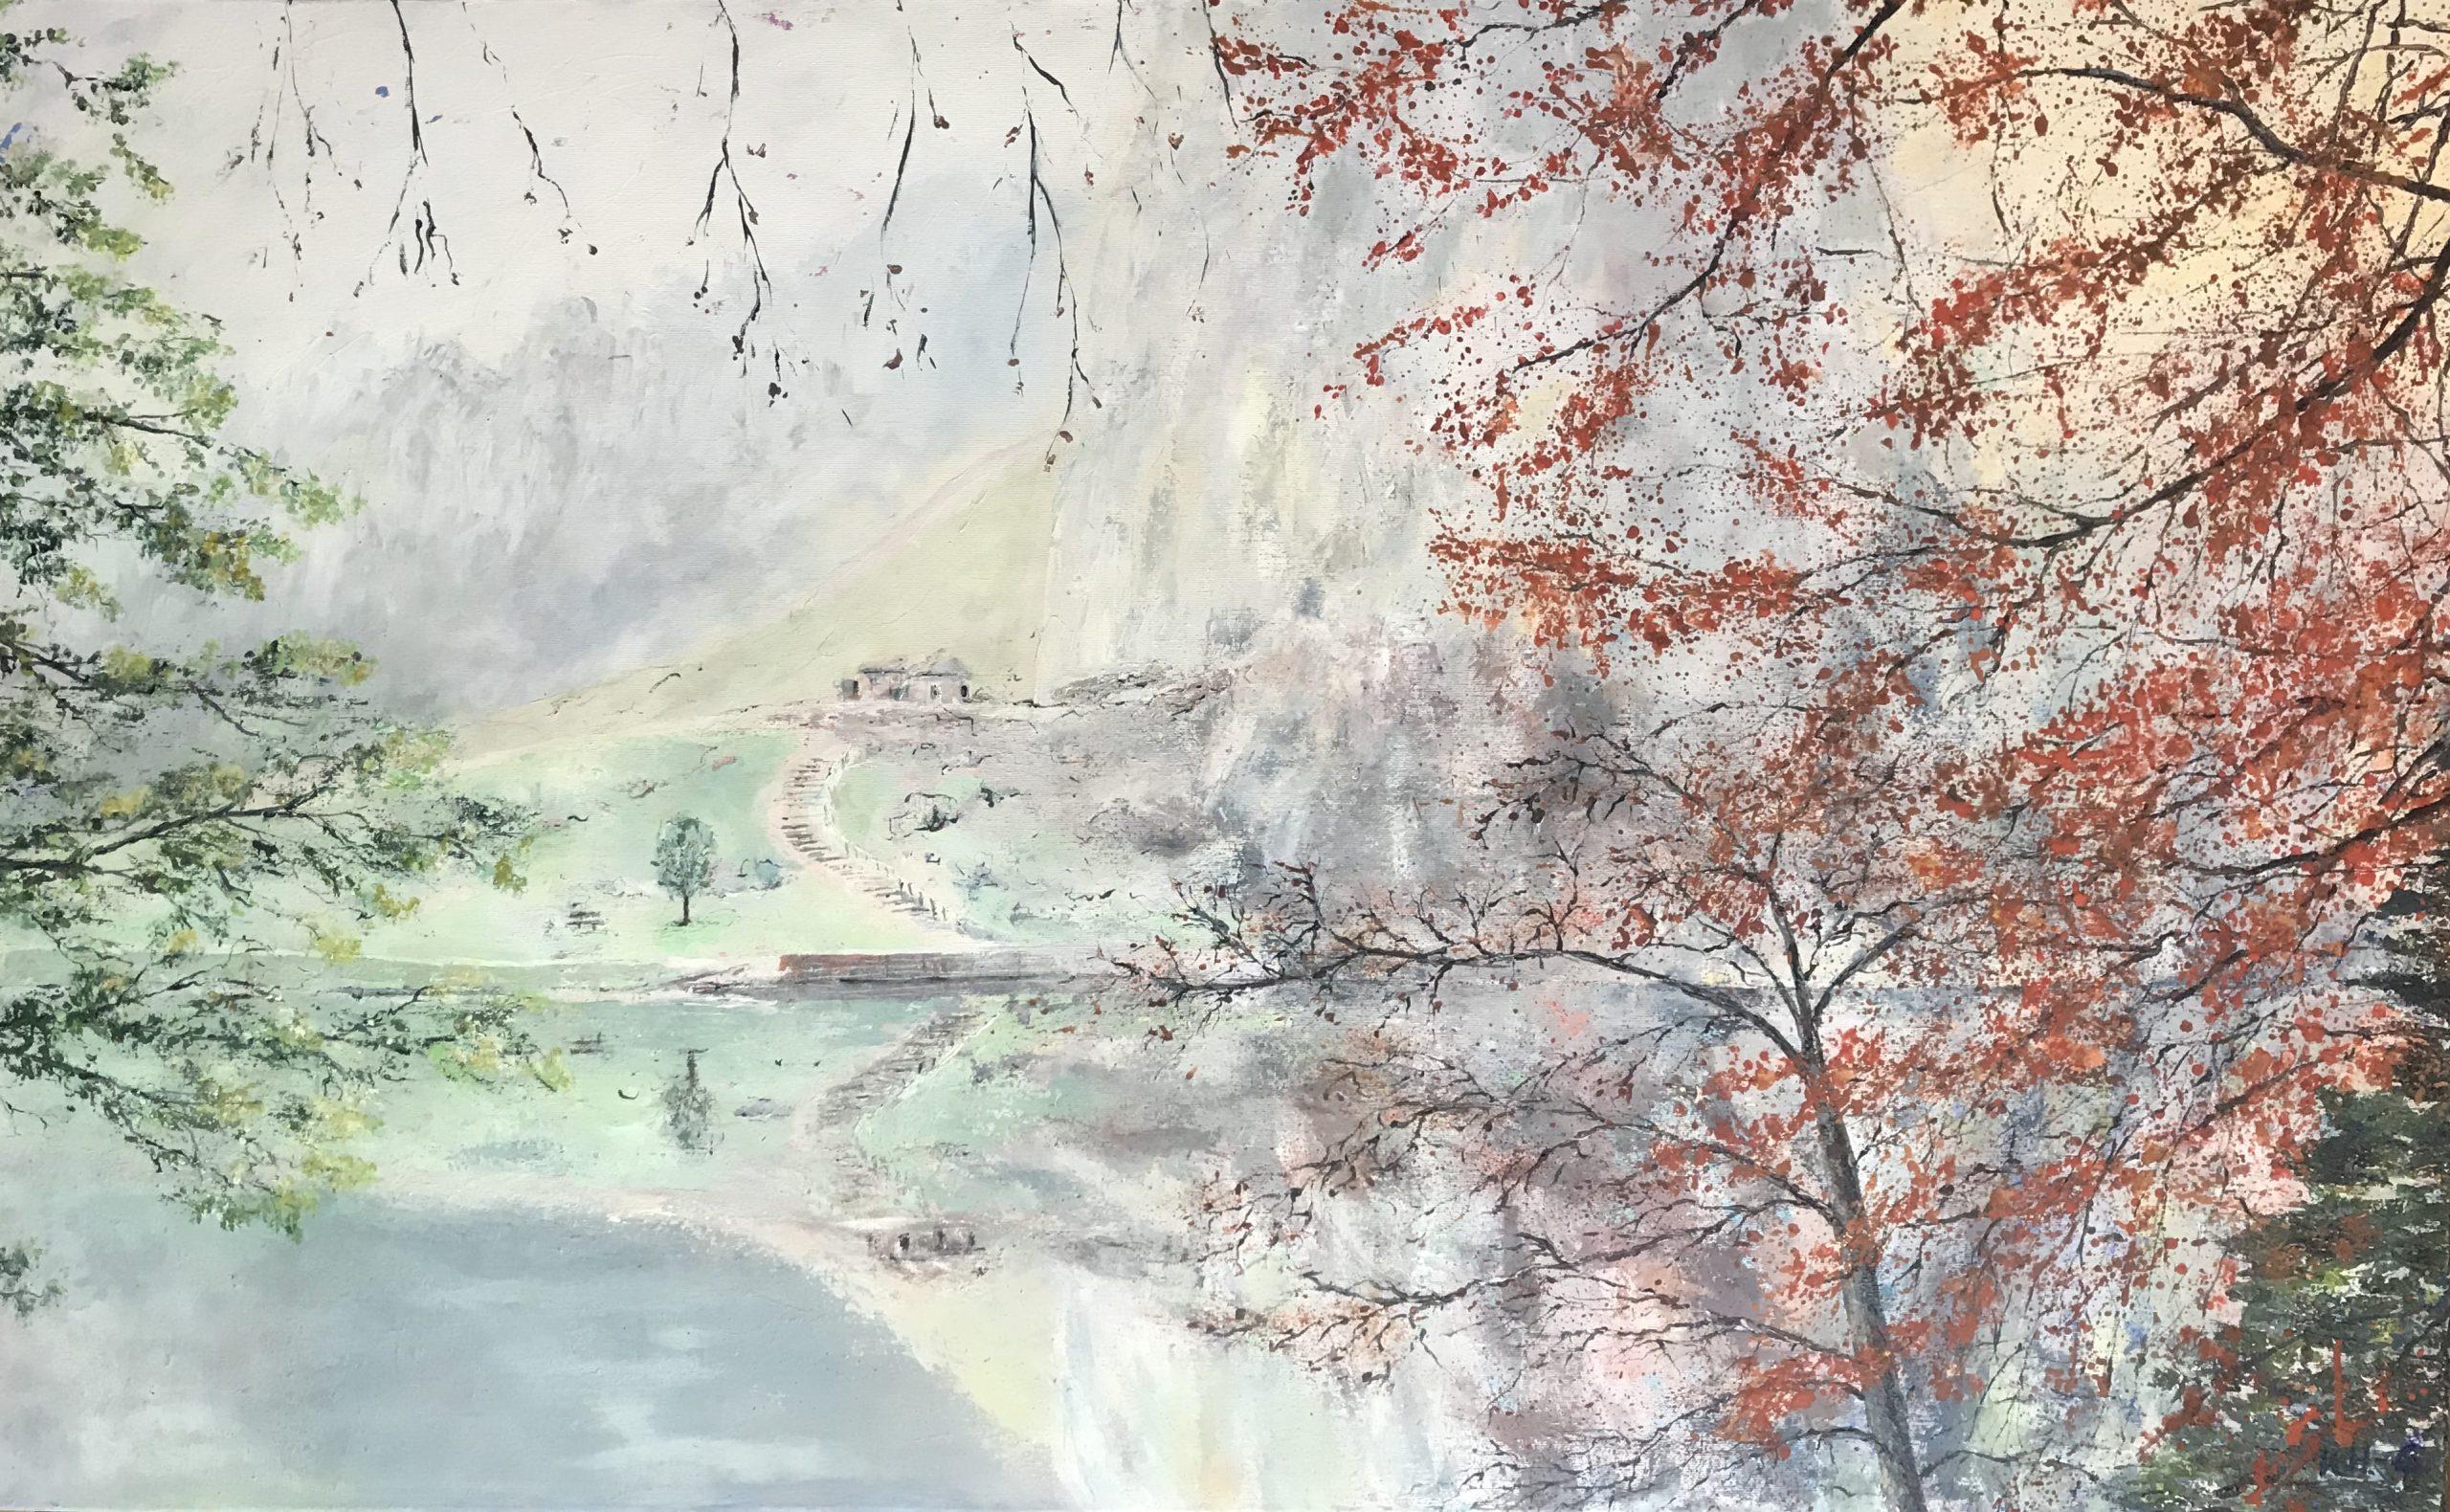 Mystische Externsteine - Acryl auf Leinwand - 80 x 130 cm © Katharina Hansen-Gluschitz